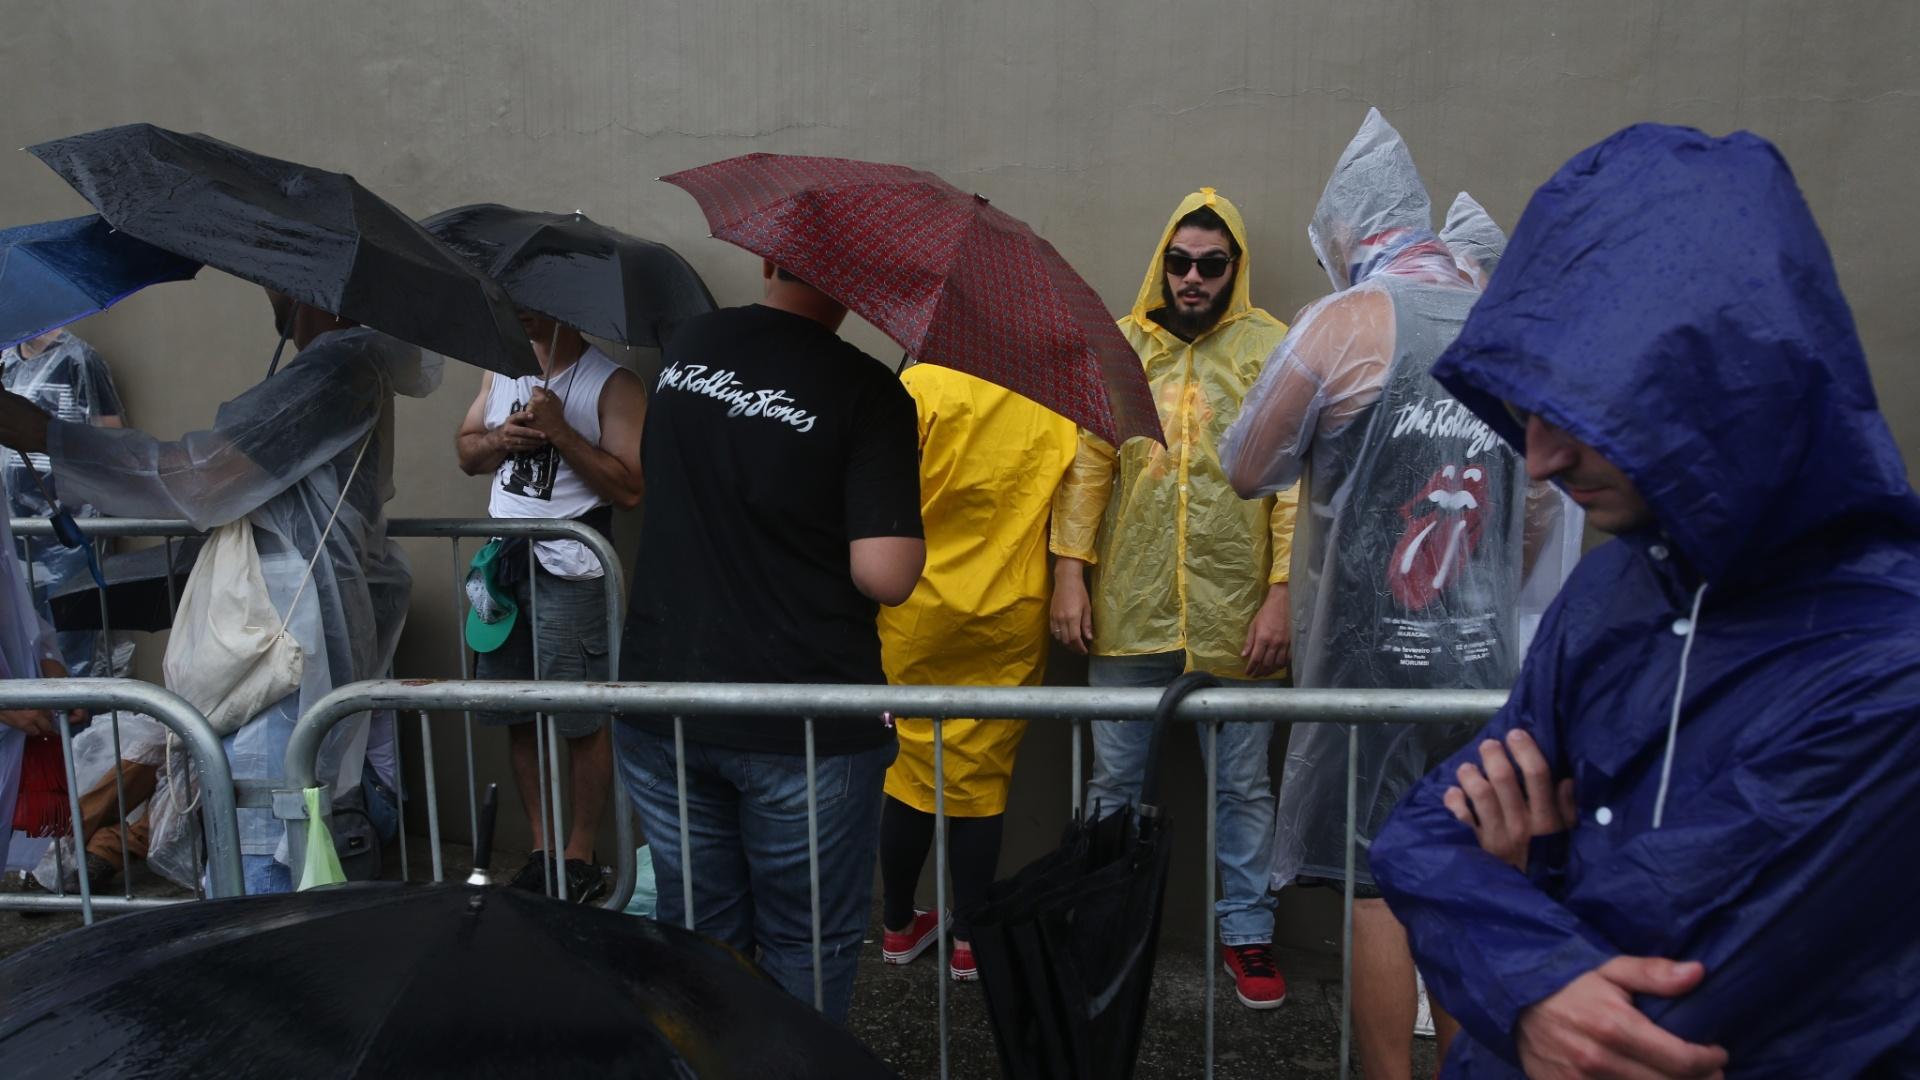 24.fev.2016 - Apesar de aparecer bastante na fila, o guarda-chuva é um dos objetos proibidos dentro do estádio do Morumbi, em São Paulo. Os fãs que quiserem assistir aos Rolling Stones sem se molhar terão de usar capas de chuva.